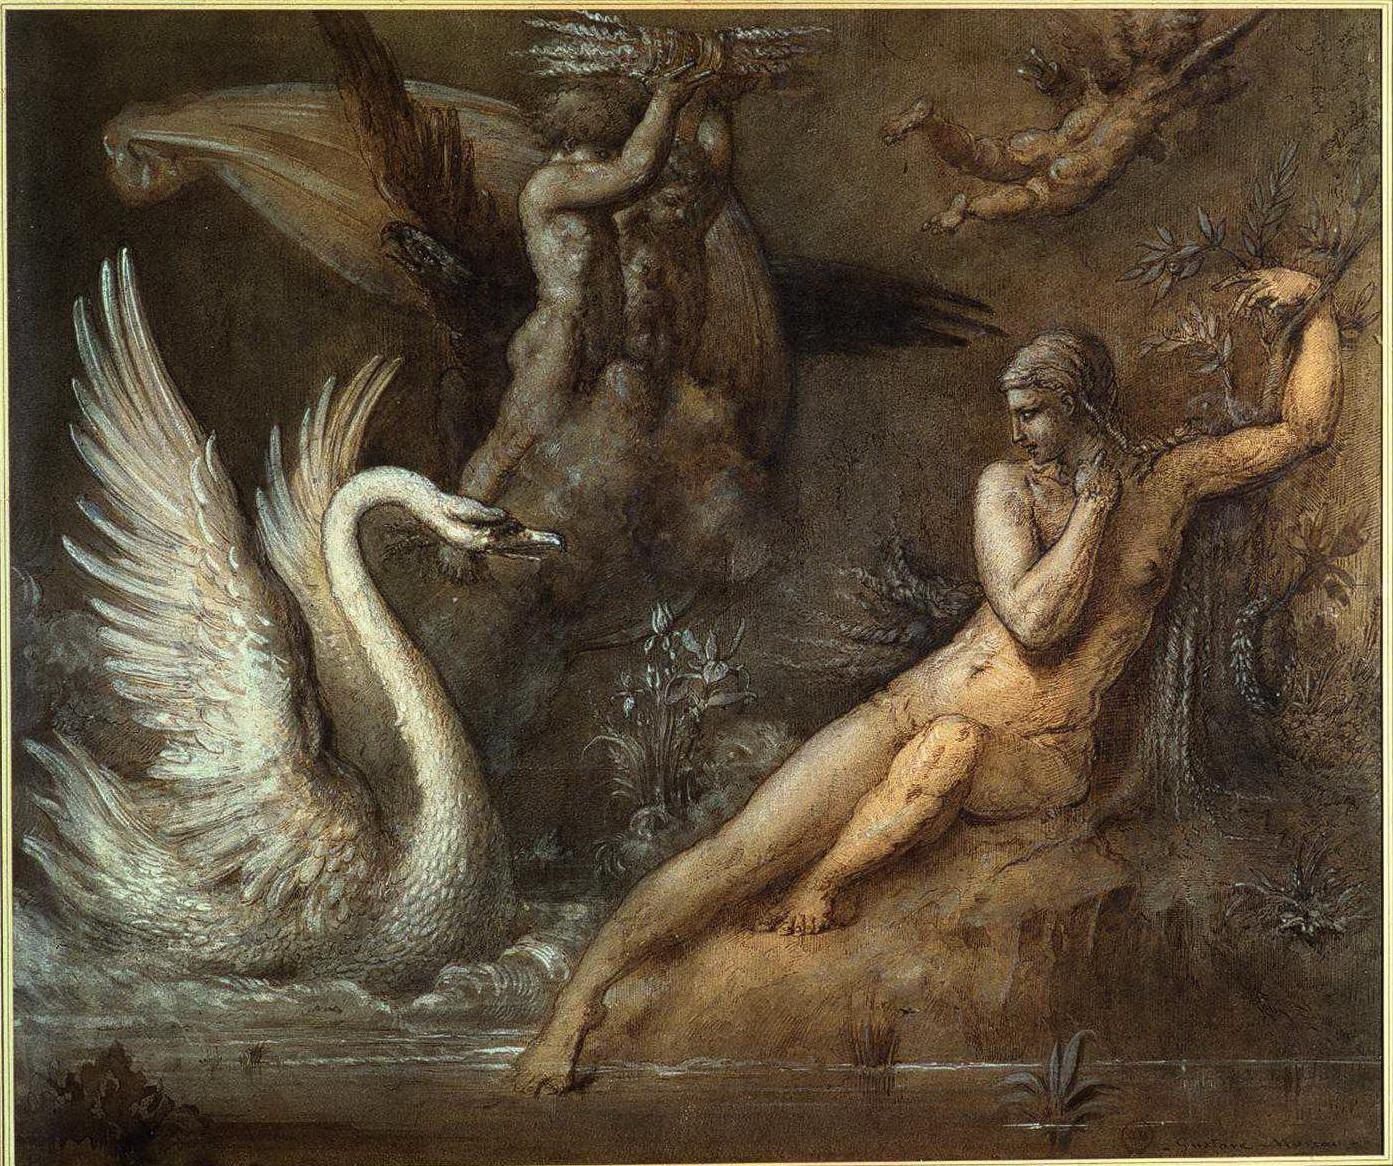 Леда и лебедь (36.8 х 44см) (гуашь, карандаш, перо) (Париж, музей Гюстава Моро)